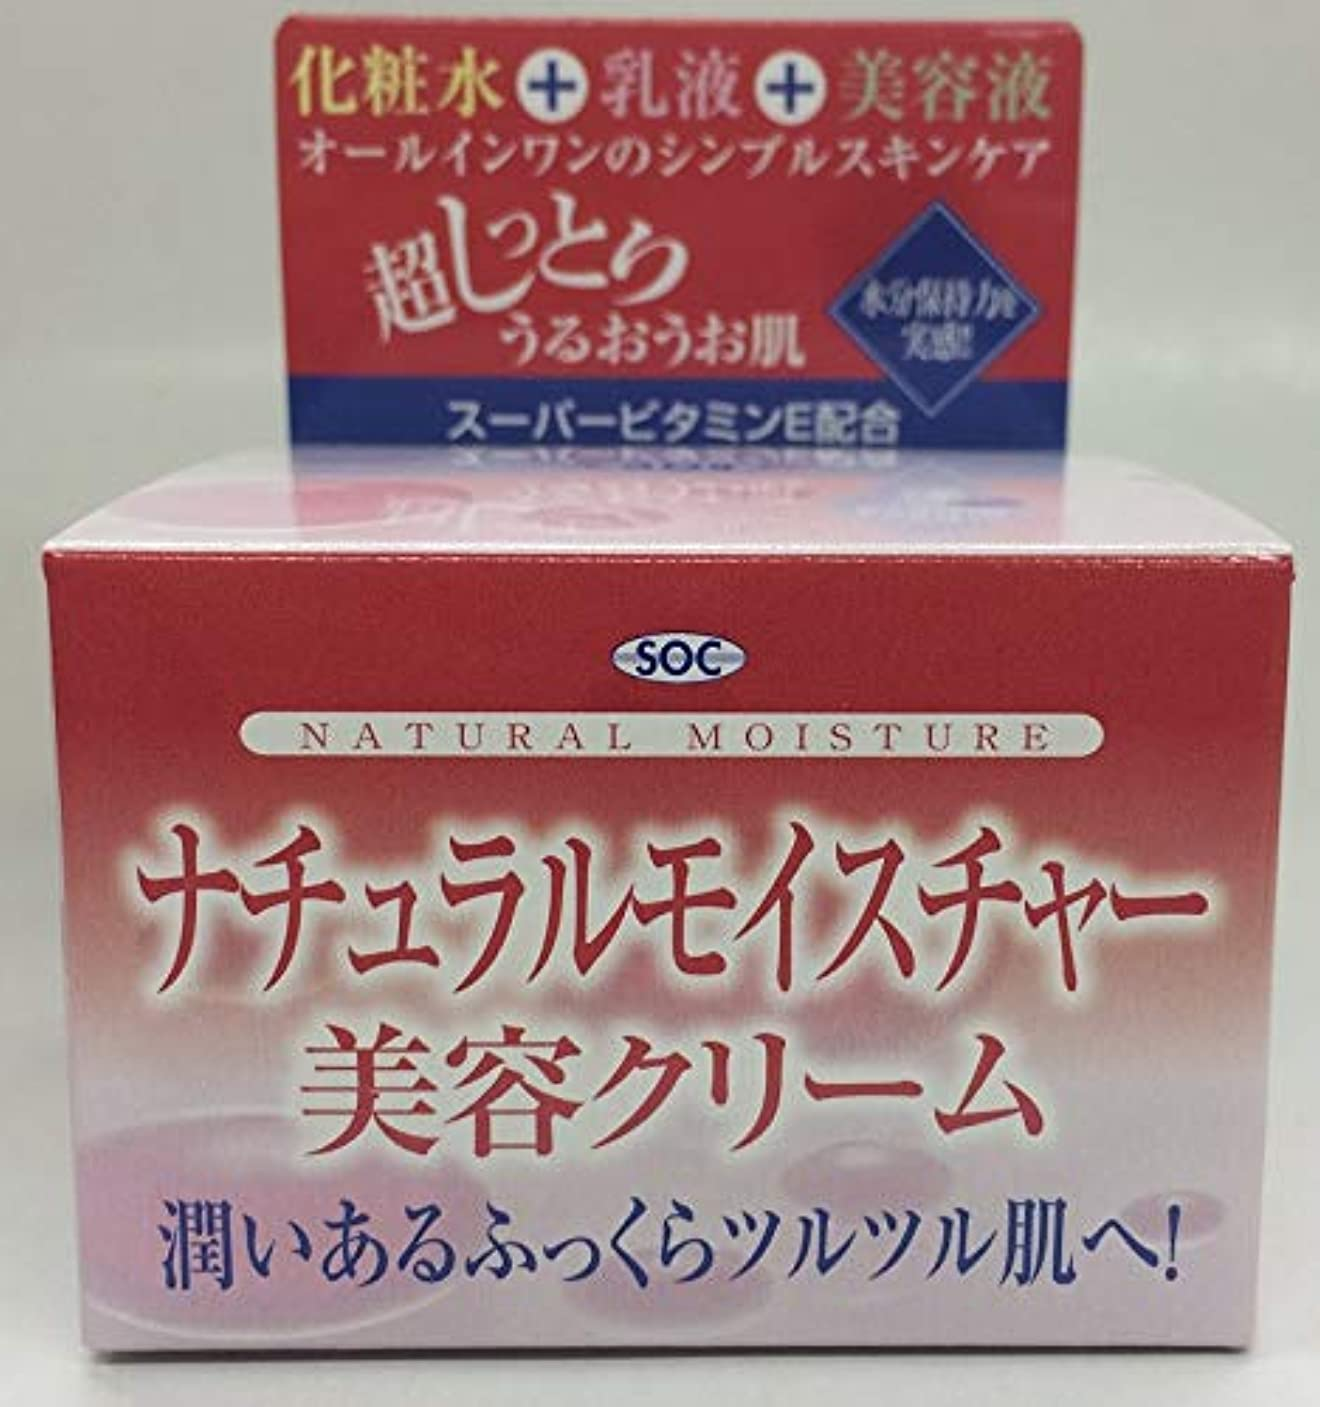 ウール倍率防腐剤SOC アクアモイスチャー美容ジェル 100g